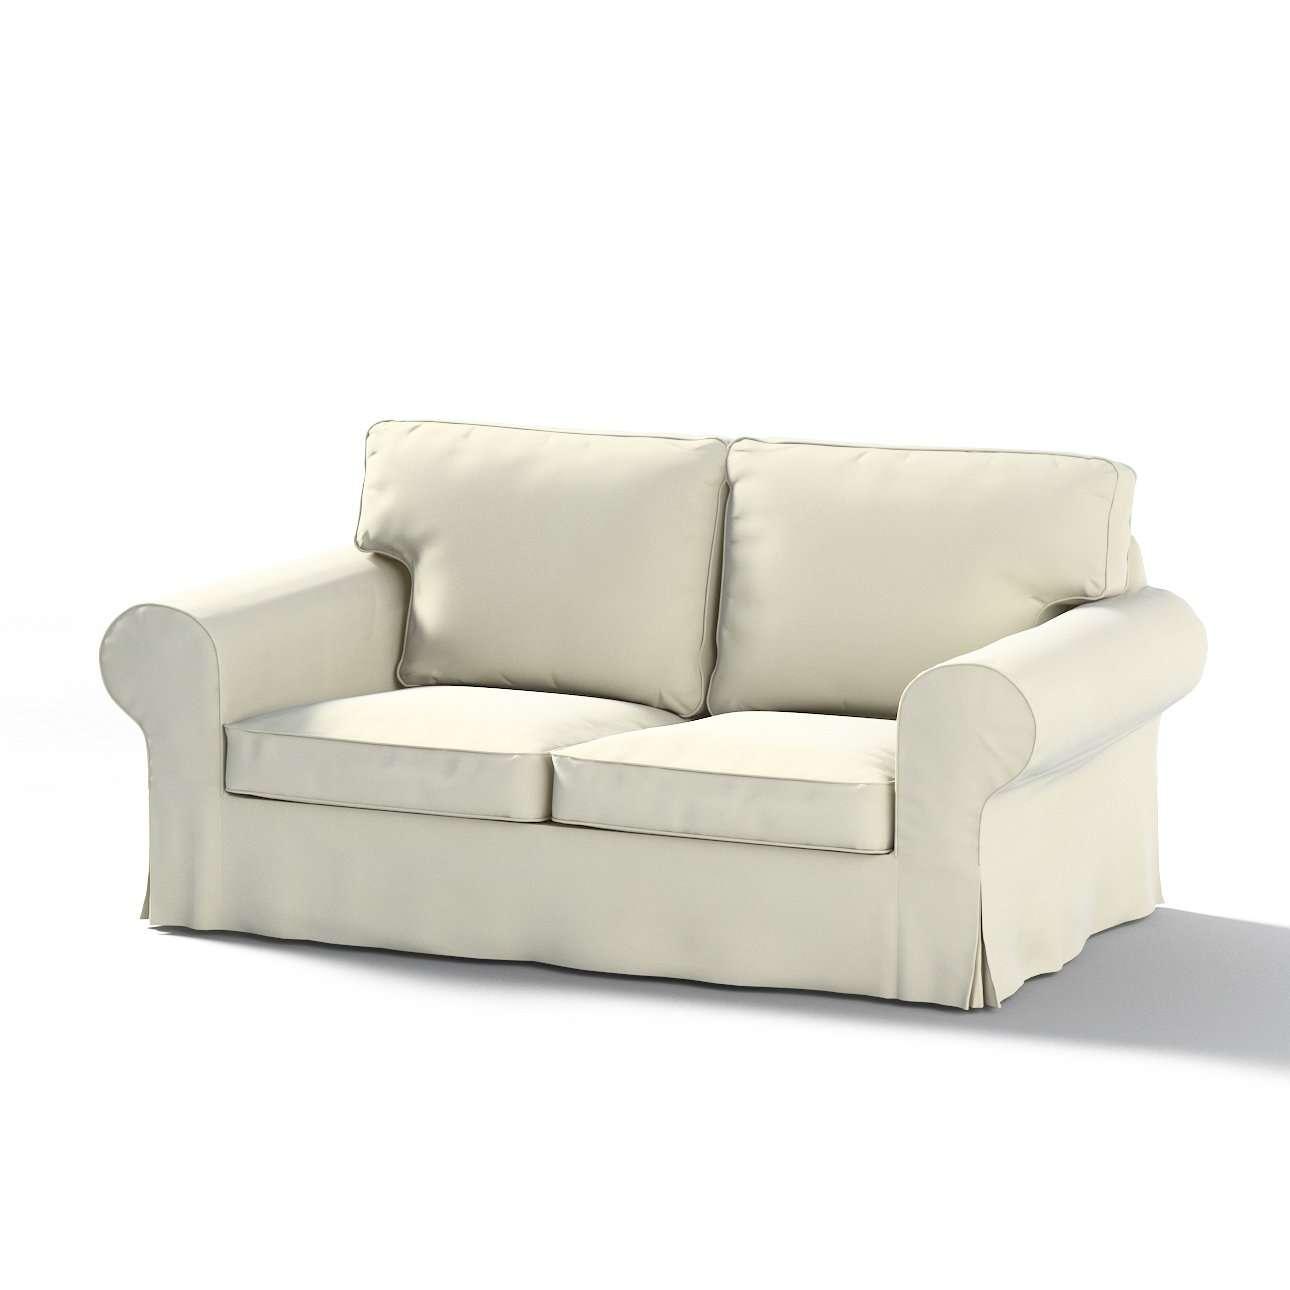 Pokrowiec na sofę Ektorp 2-osobową, rozkładaną, model do 2012 w kolekcji Velvet, tkanina: 704-10